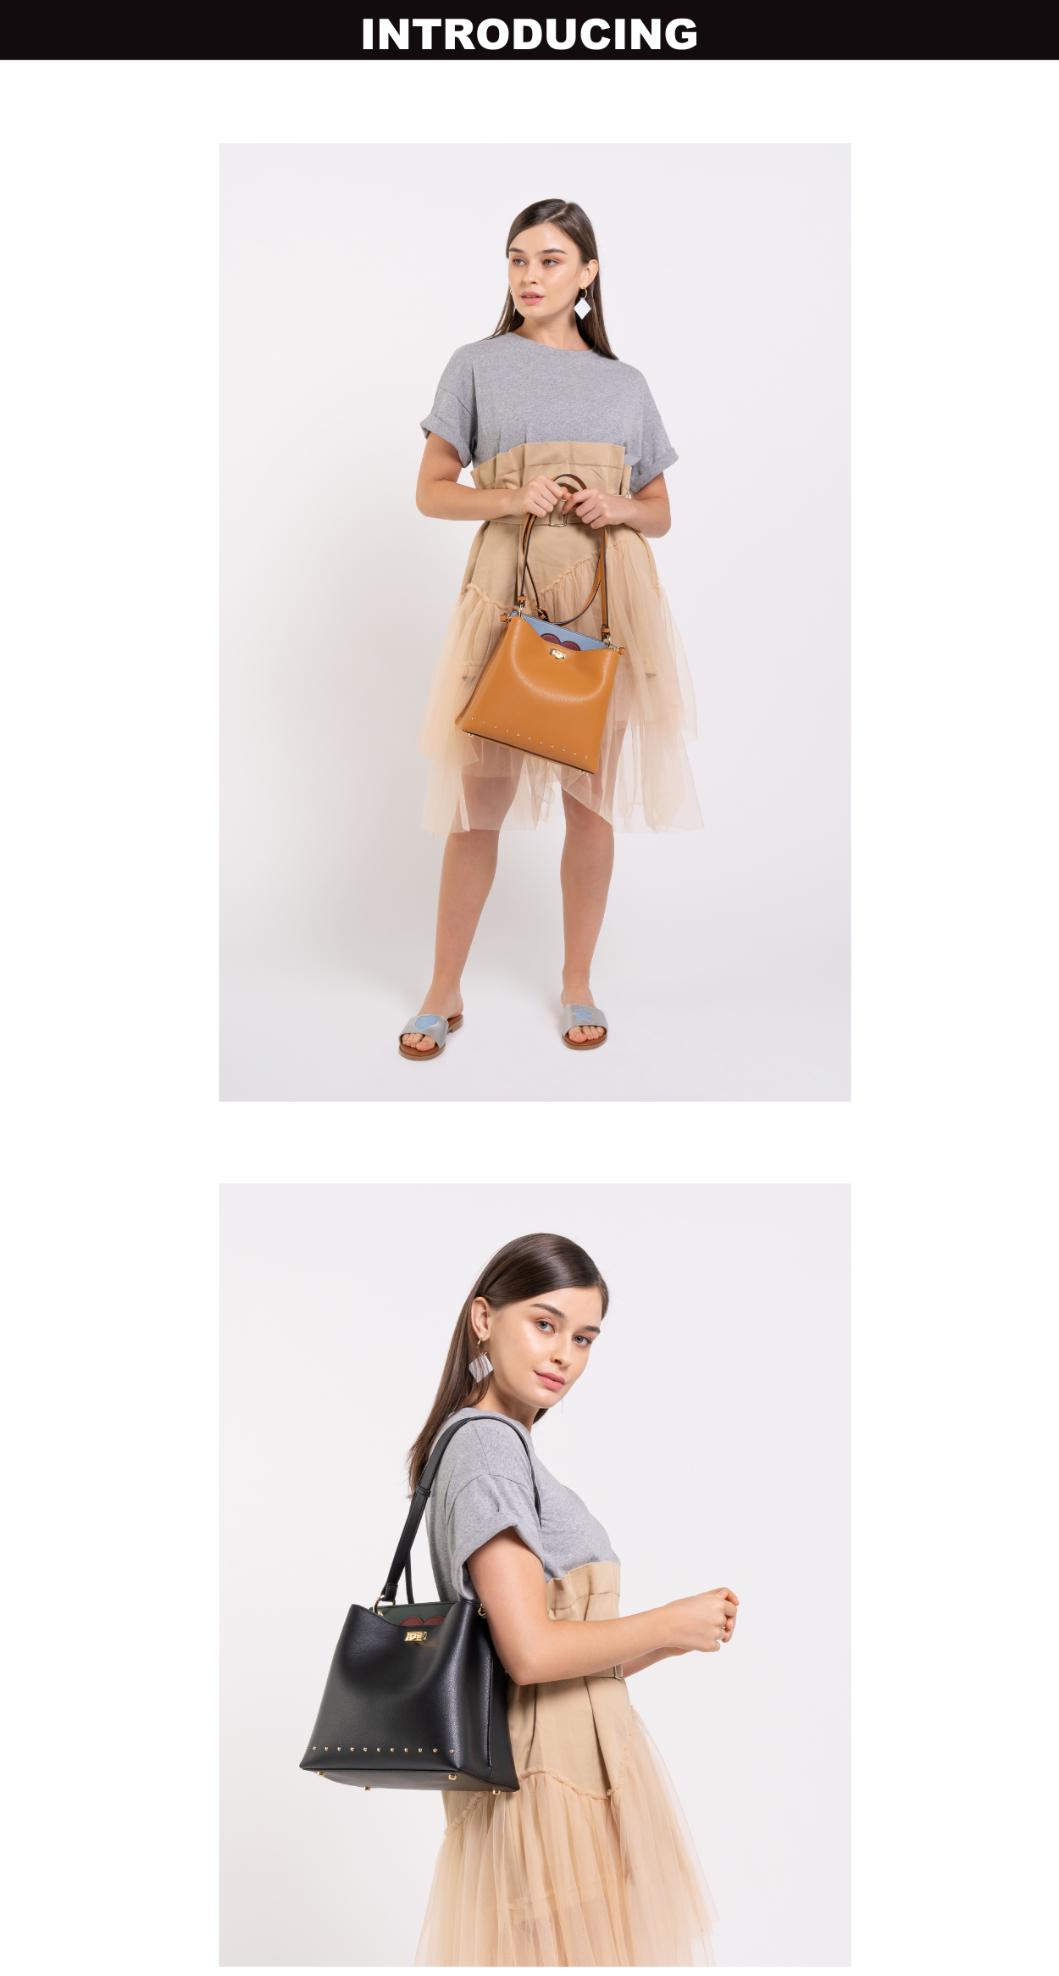 0304792H 002 01 - Special Someone Shoulder Bag